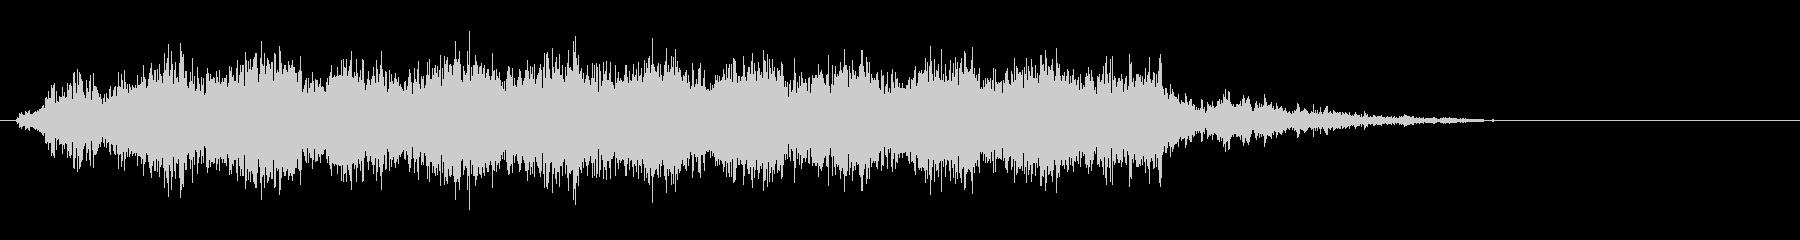 [生録音]ミキサーで混ぜる01-ショートの未再生の波形